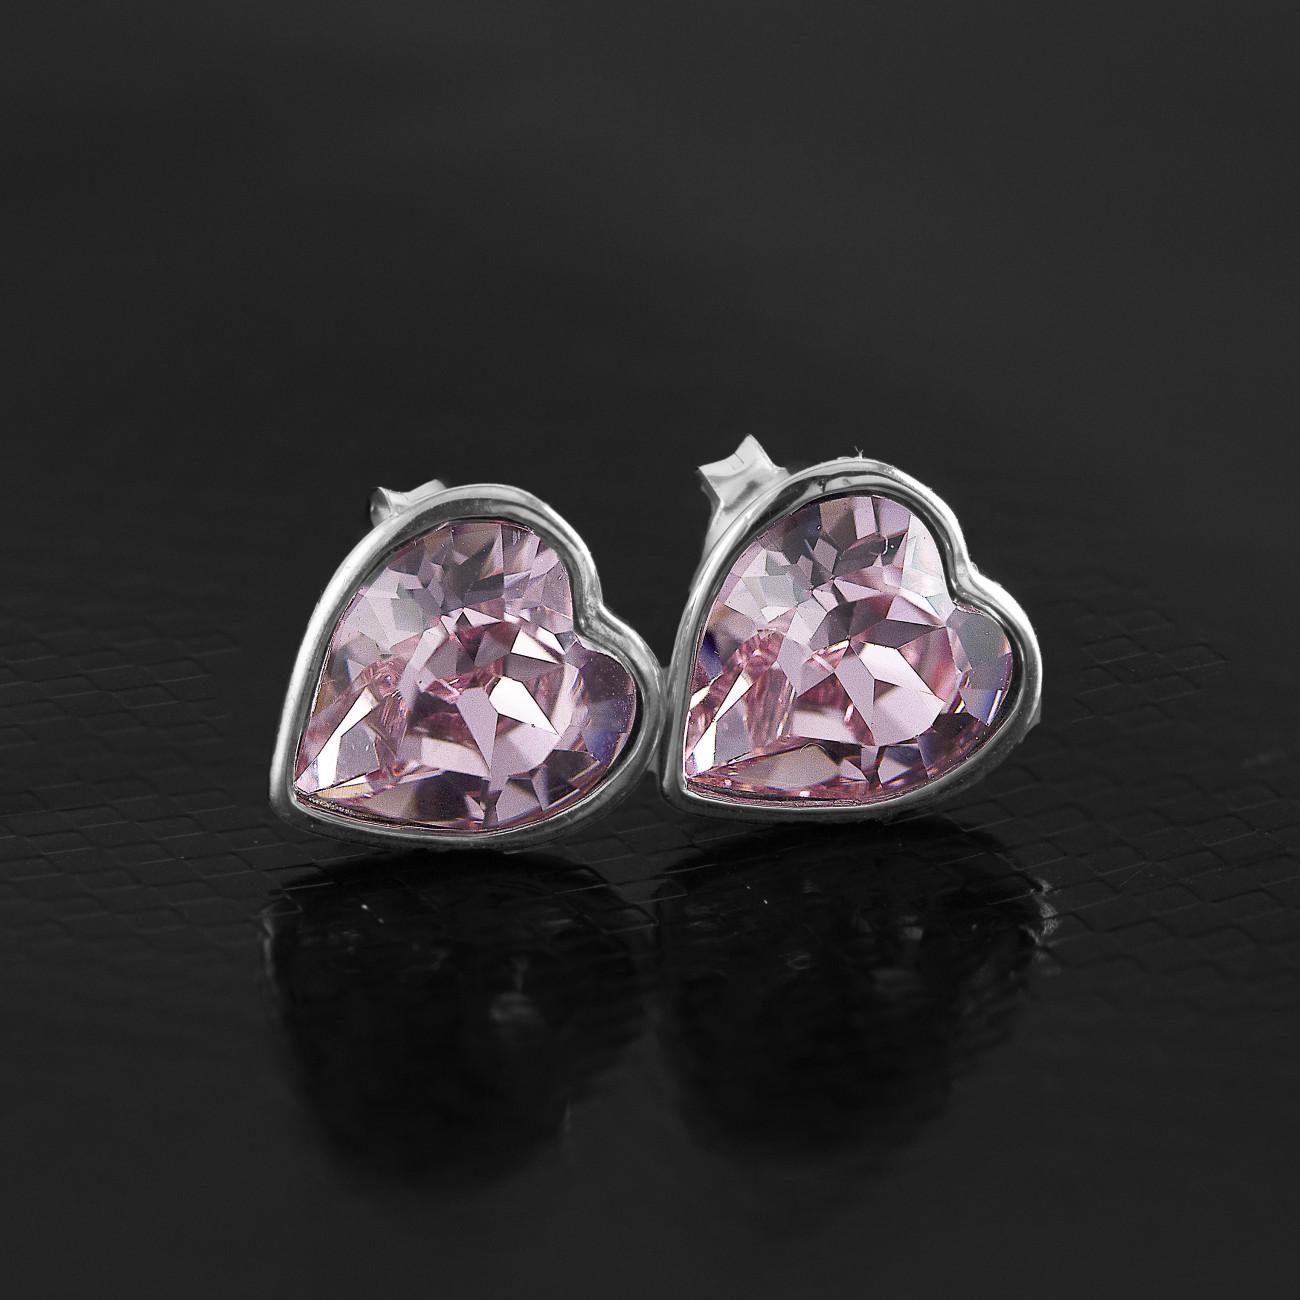 Stříbrné náušnice pecky -  srdce s pravým krystalem Swarovski light rose